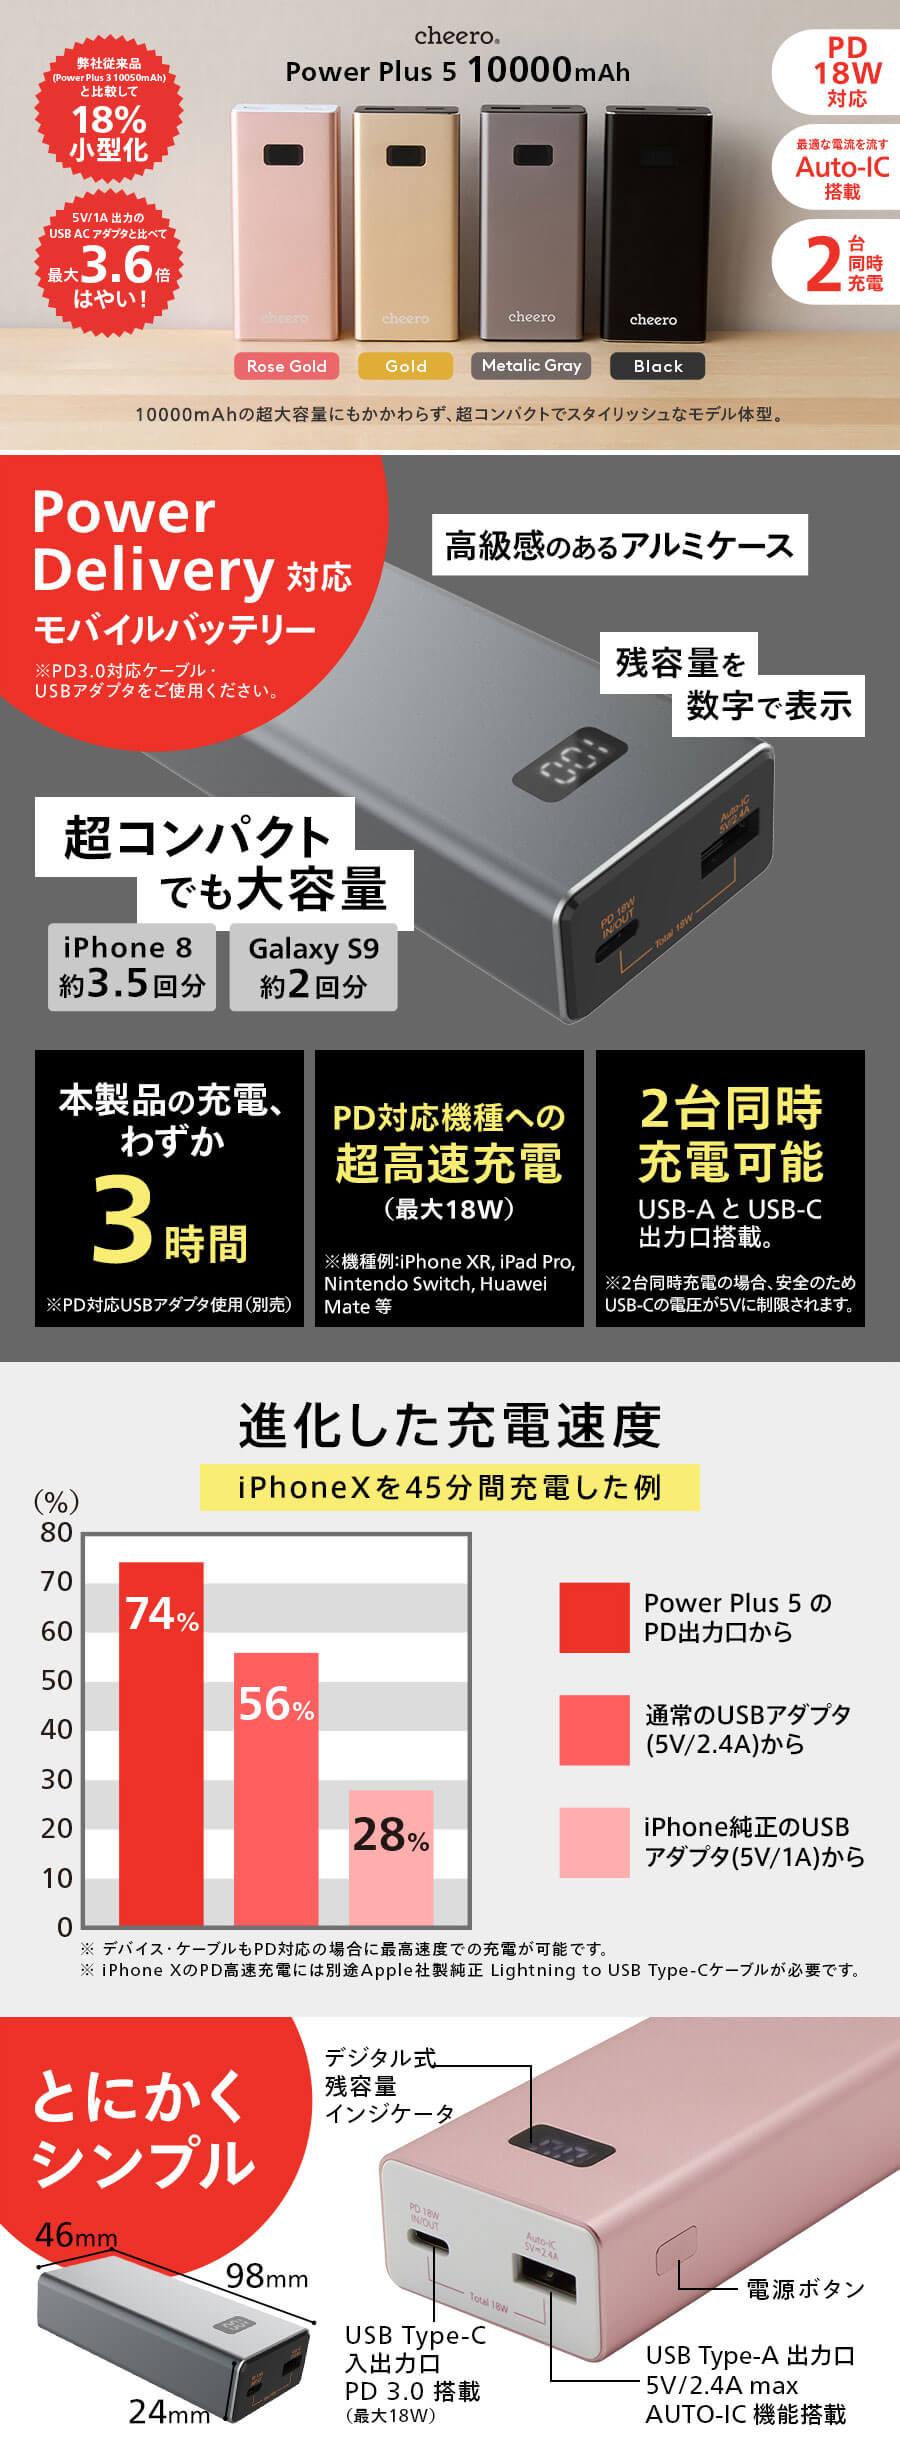 cheero Power Plus 5